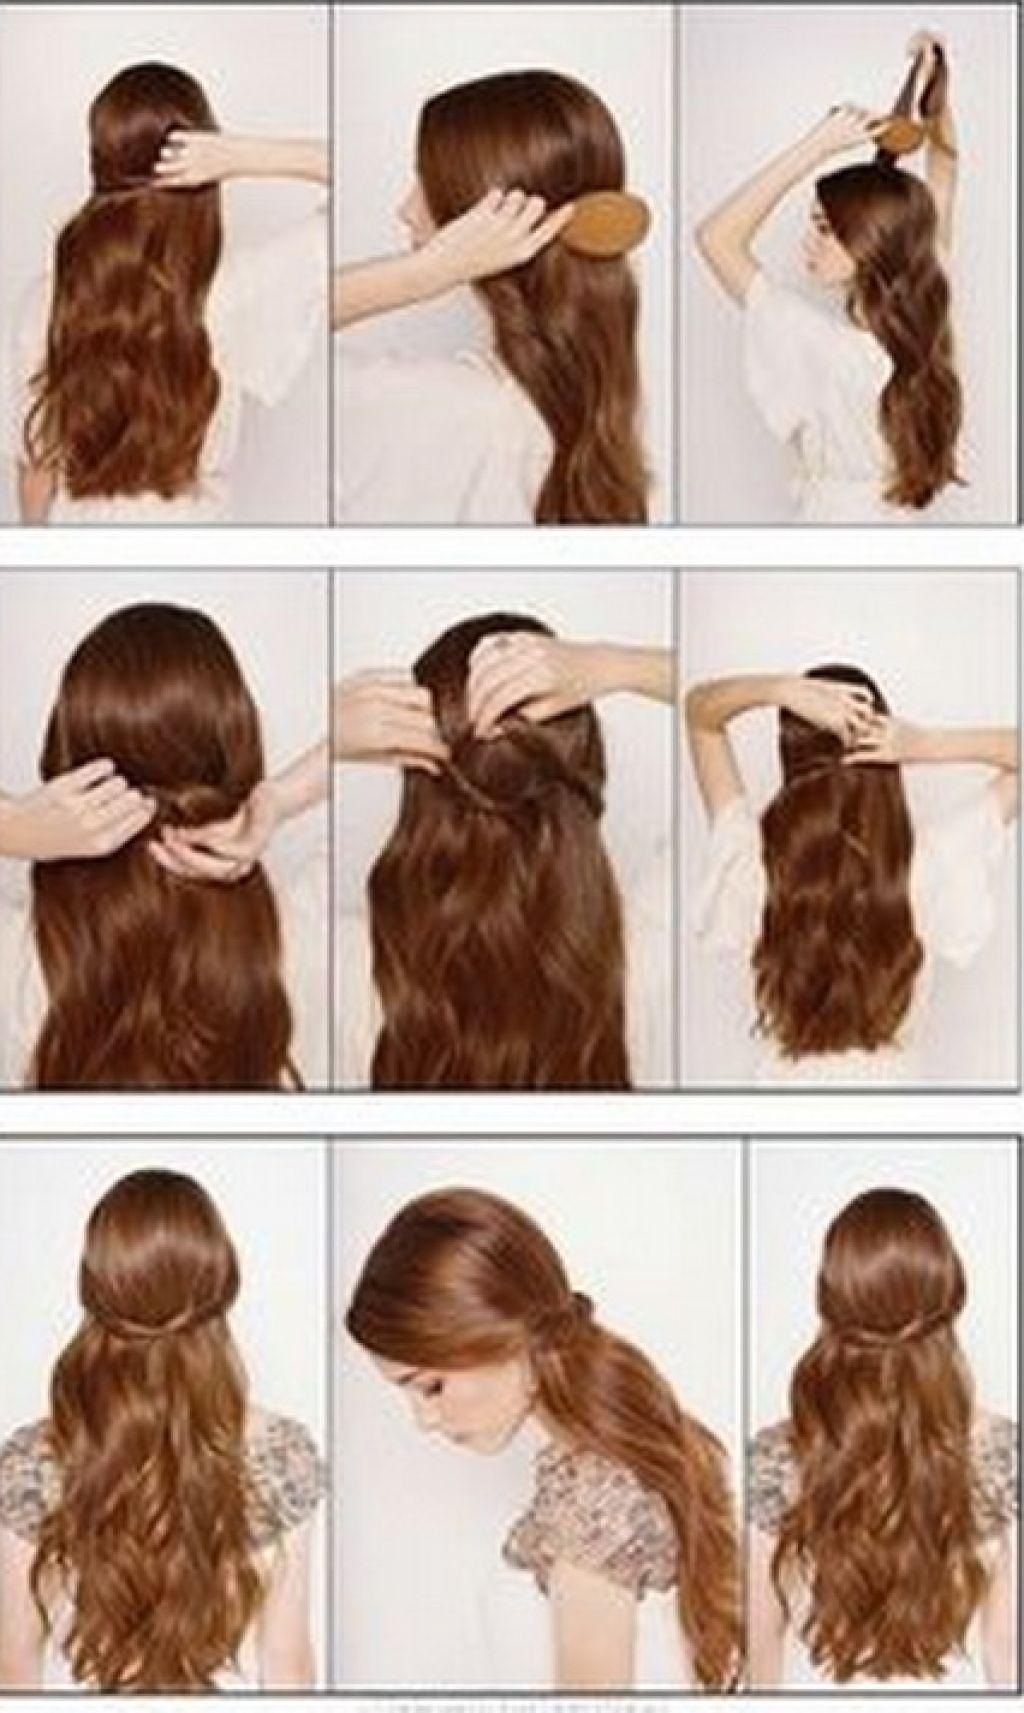 Причёски на средние волосы в домашних условиях пошагово фото 37